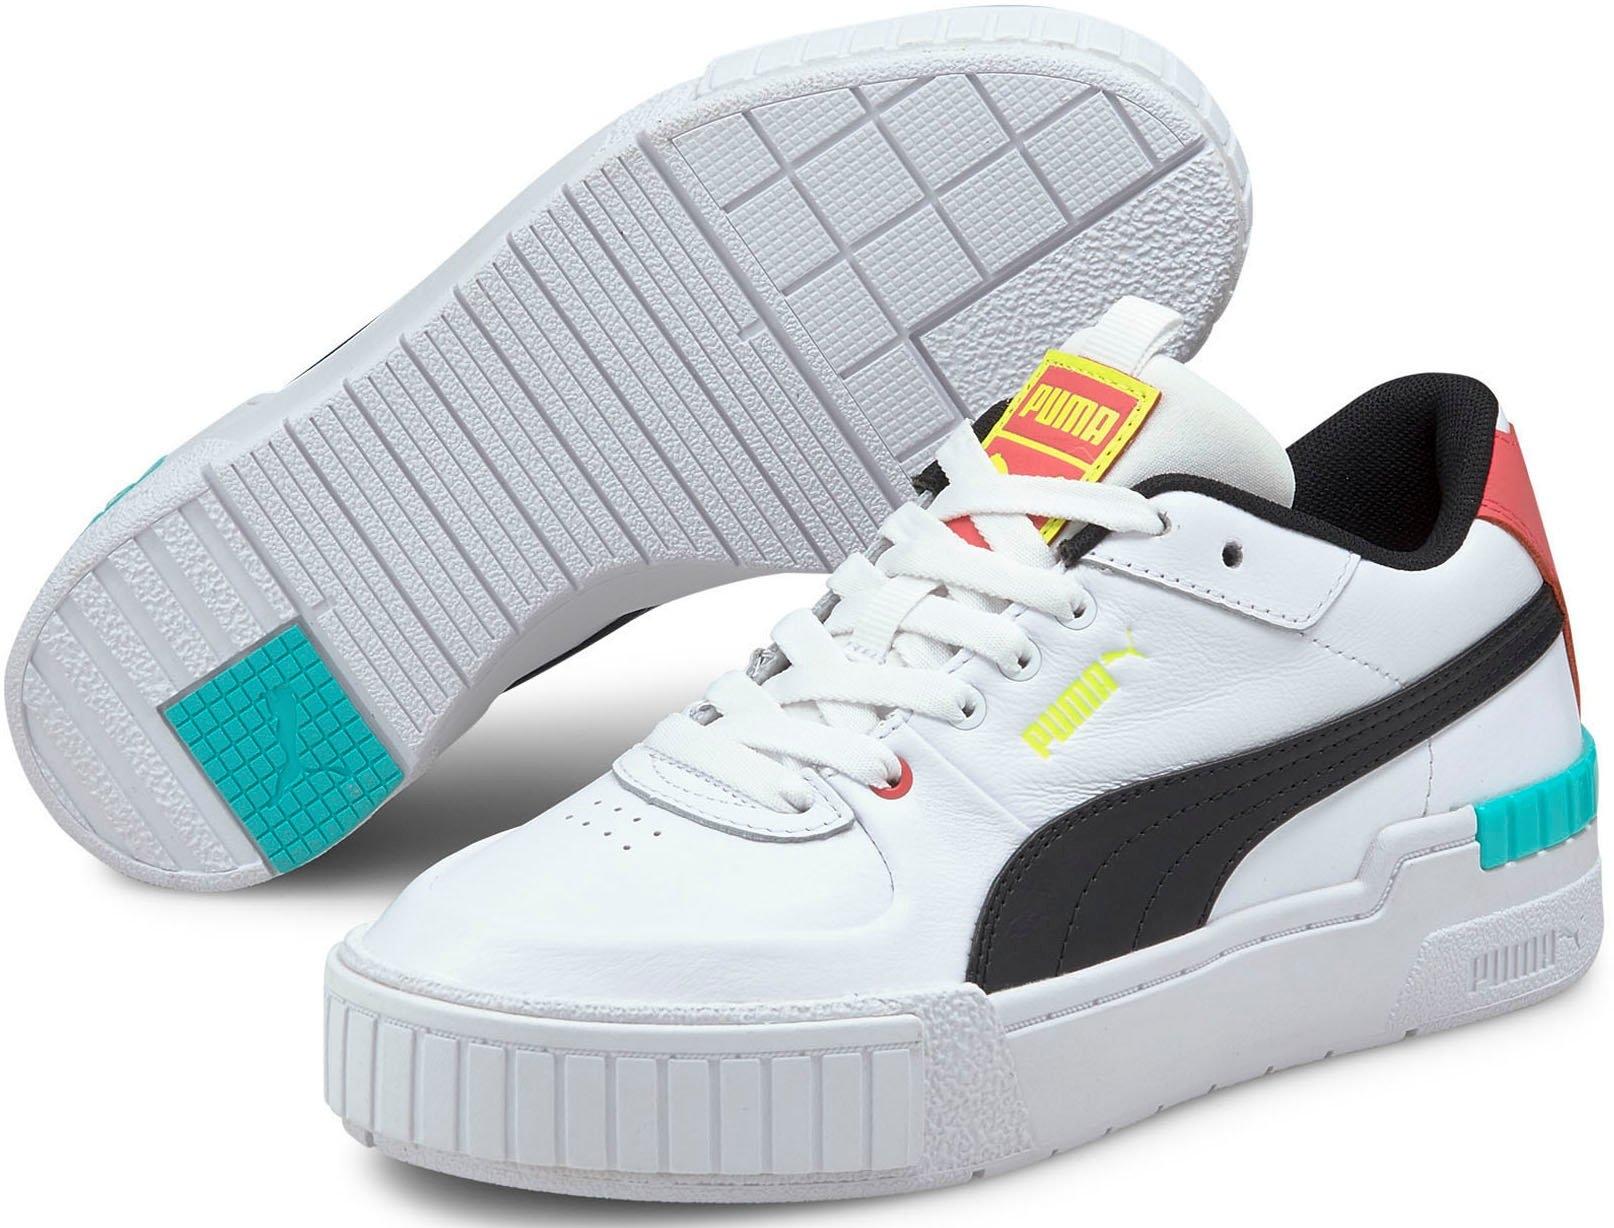 PUMA sneakers Cali Sport Wn's bestellen: 30 dagen bedenktijd